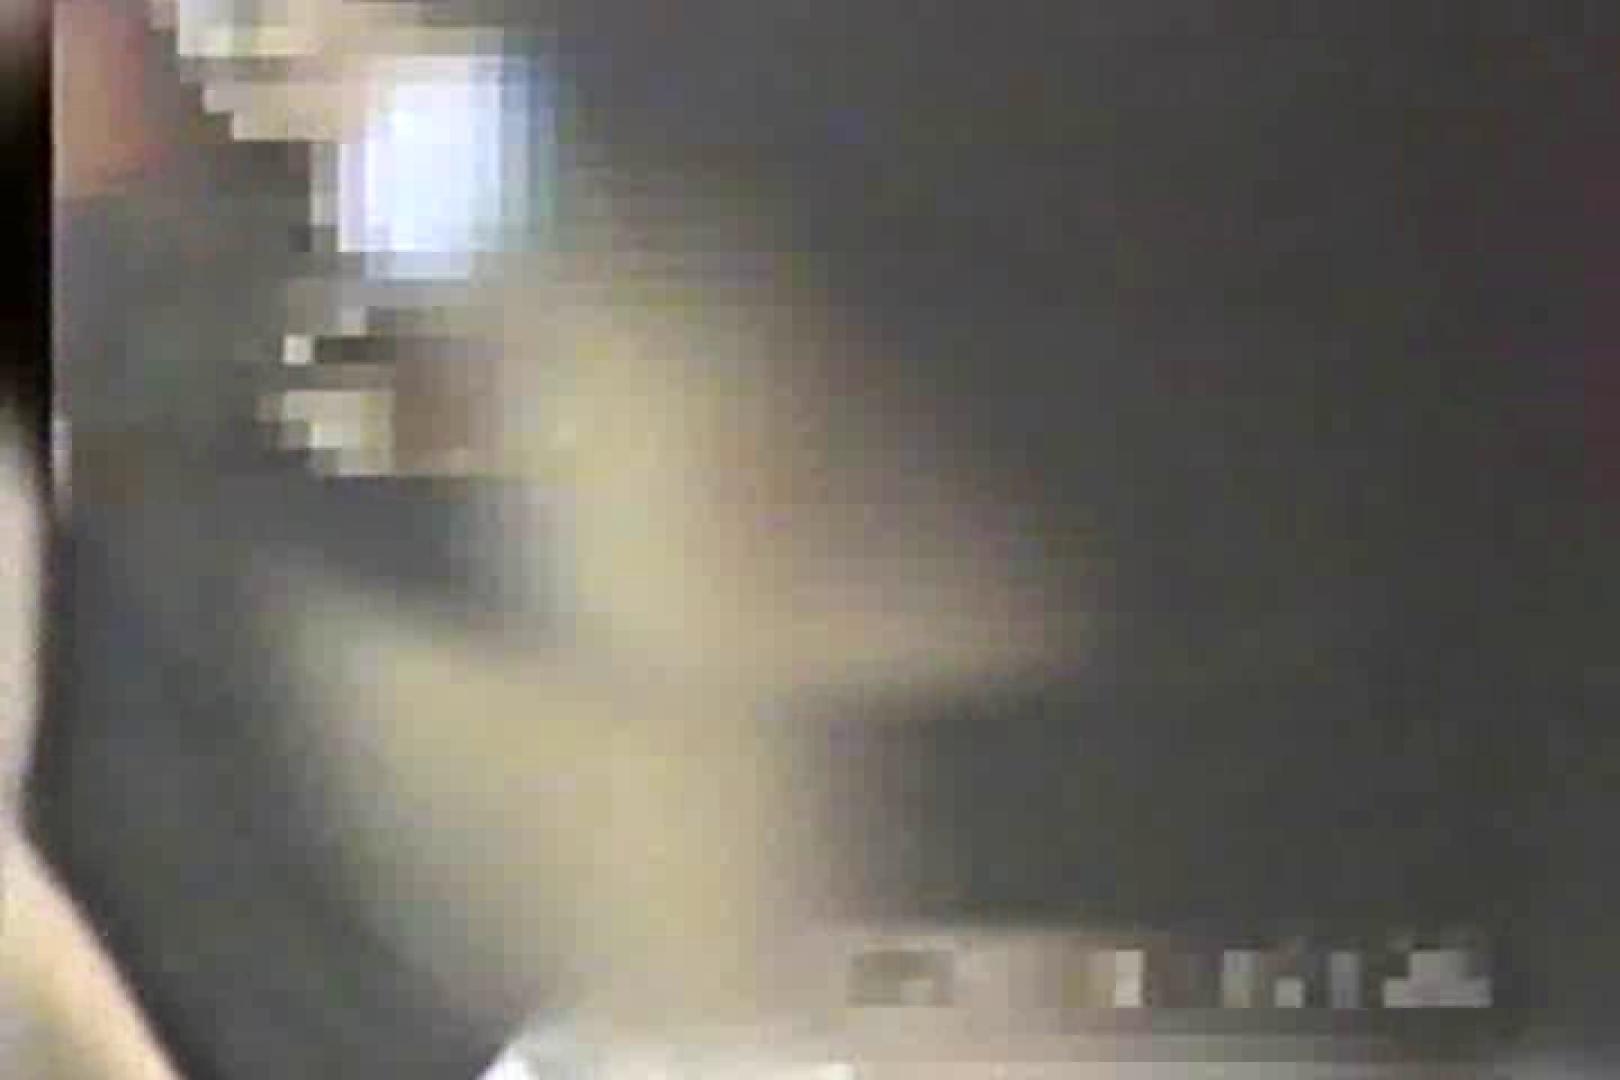 超・痴漢の眼「ユニフォーム現場検証」TNK-07 痴漢 盗み撮り動画 101画像 11